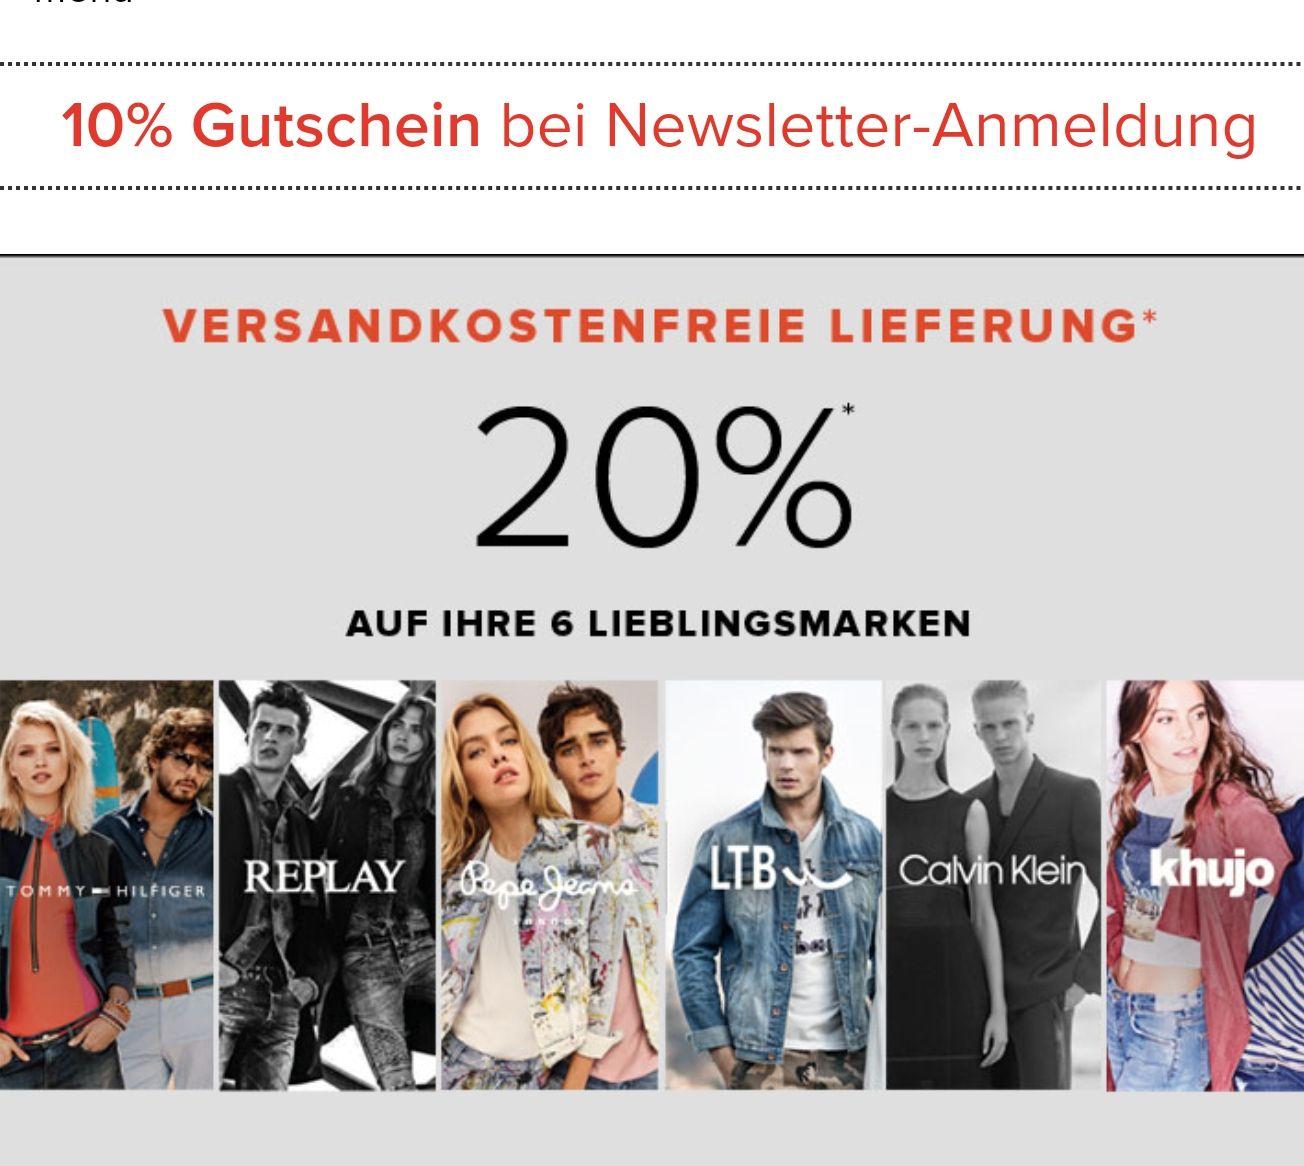 [dressforless]Bis zu 65% Rabatt im Sale + 20% extra auf ausgewählte Marken + 10% bei Newsletter Anmeldung